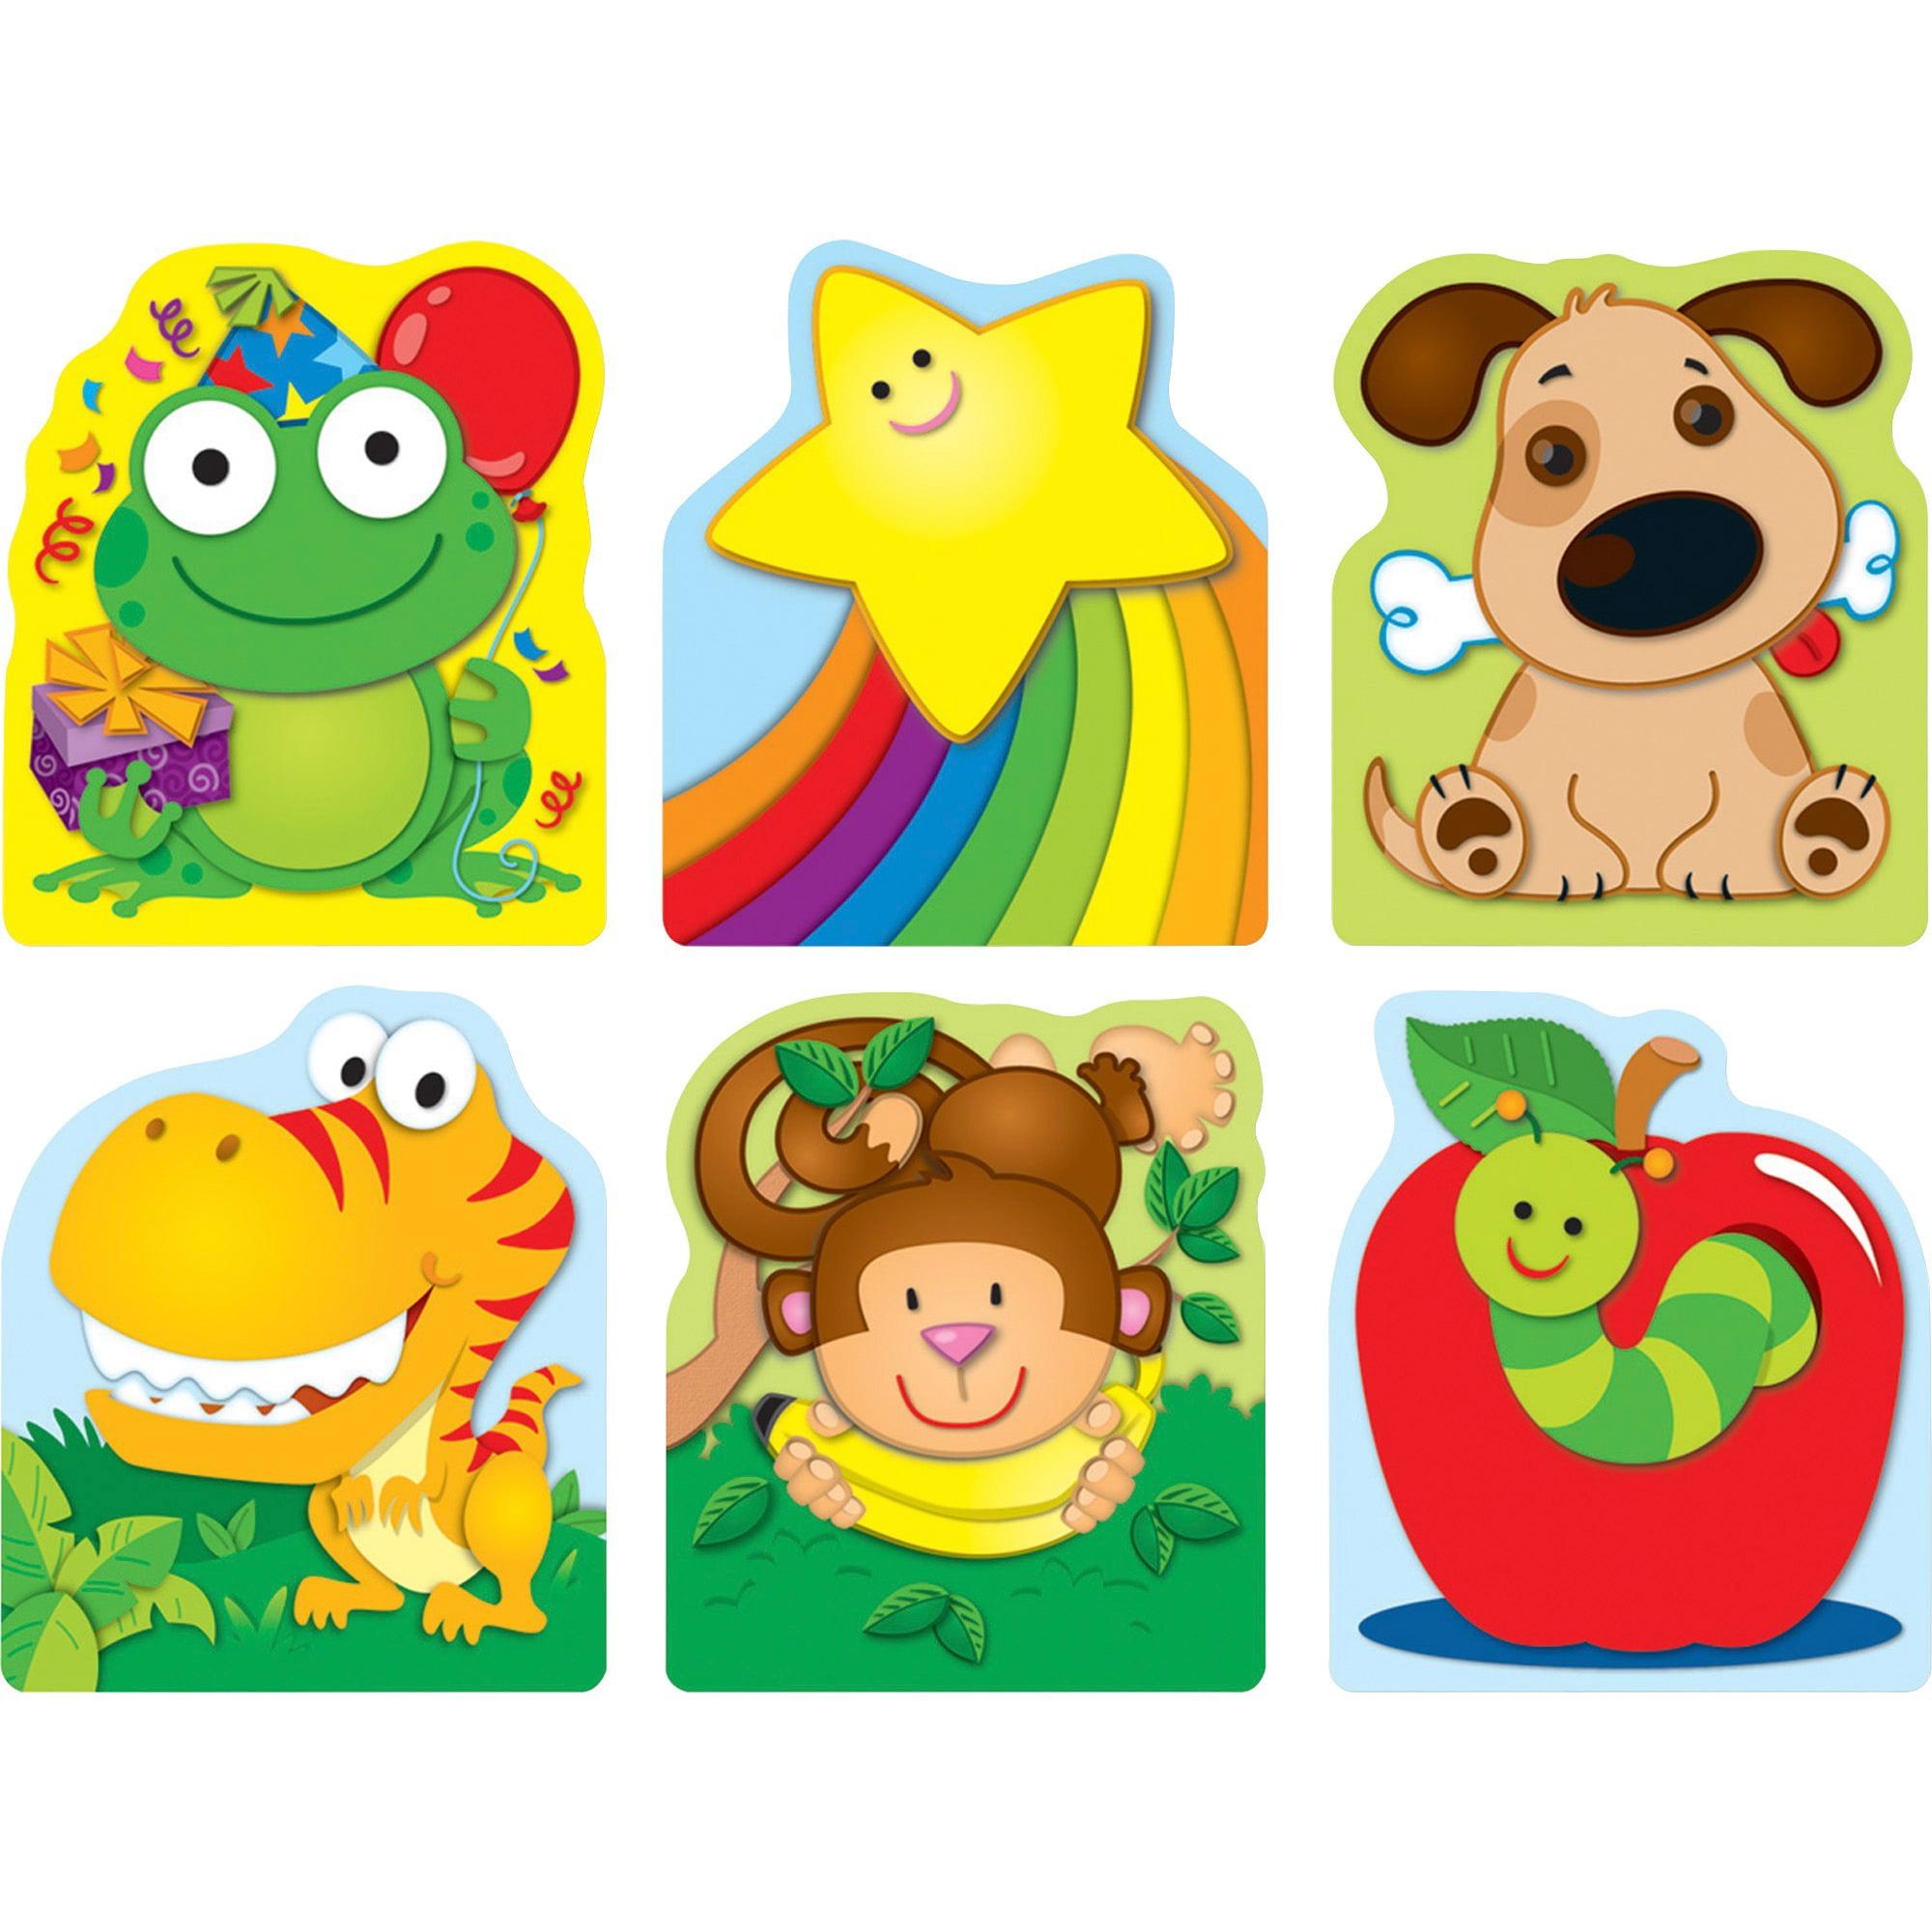 Carson-Dellosa, CDP144526, Prize Bookmark set, 6   Pack, Multicolor by Carson-Dellosa Publishing Co., Inc